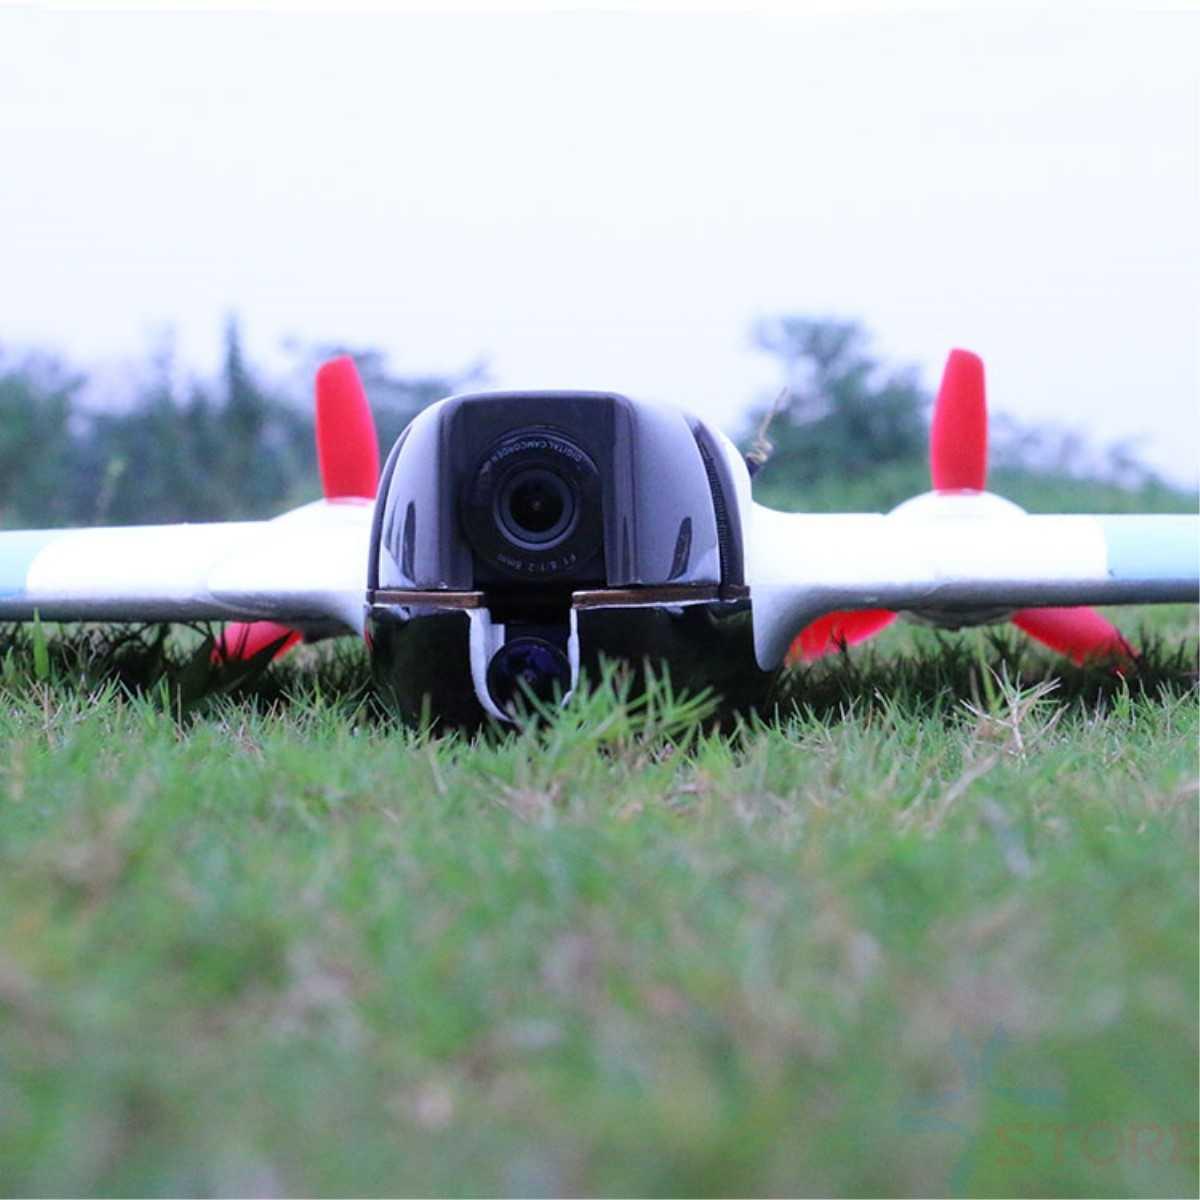 سكاي ووكر الذكية 996 ملليمتر جناحيها EPO نسخة تحلق الجناح ل FPV سباق أو طويلة المدى تحلق RC طائرة كيت الإطار